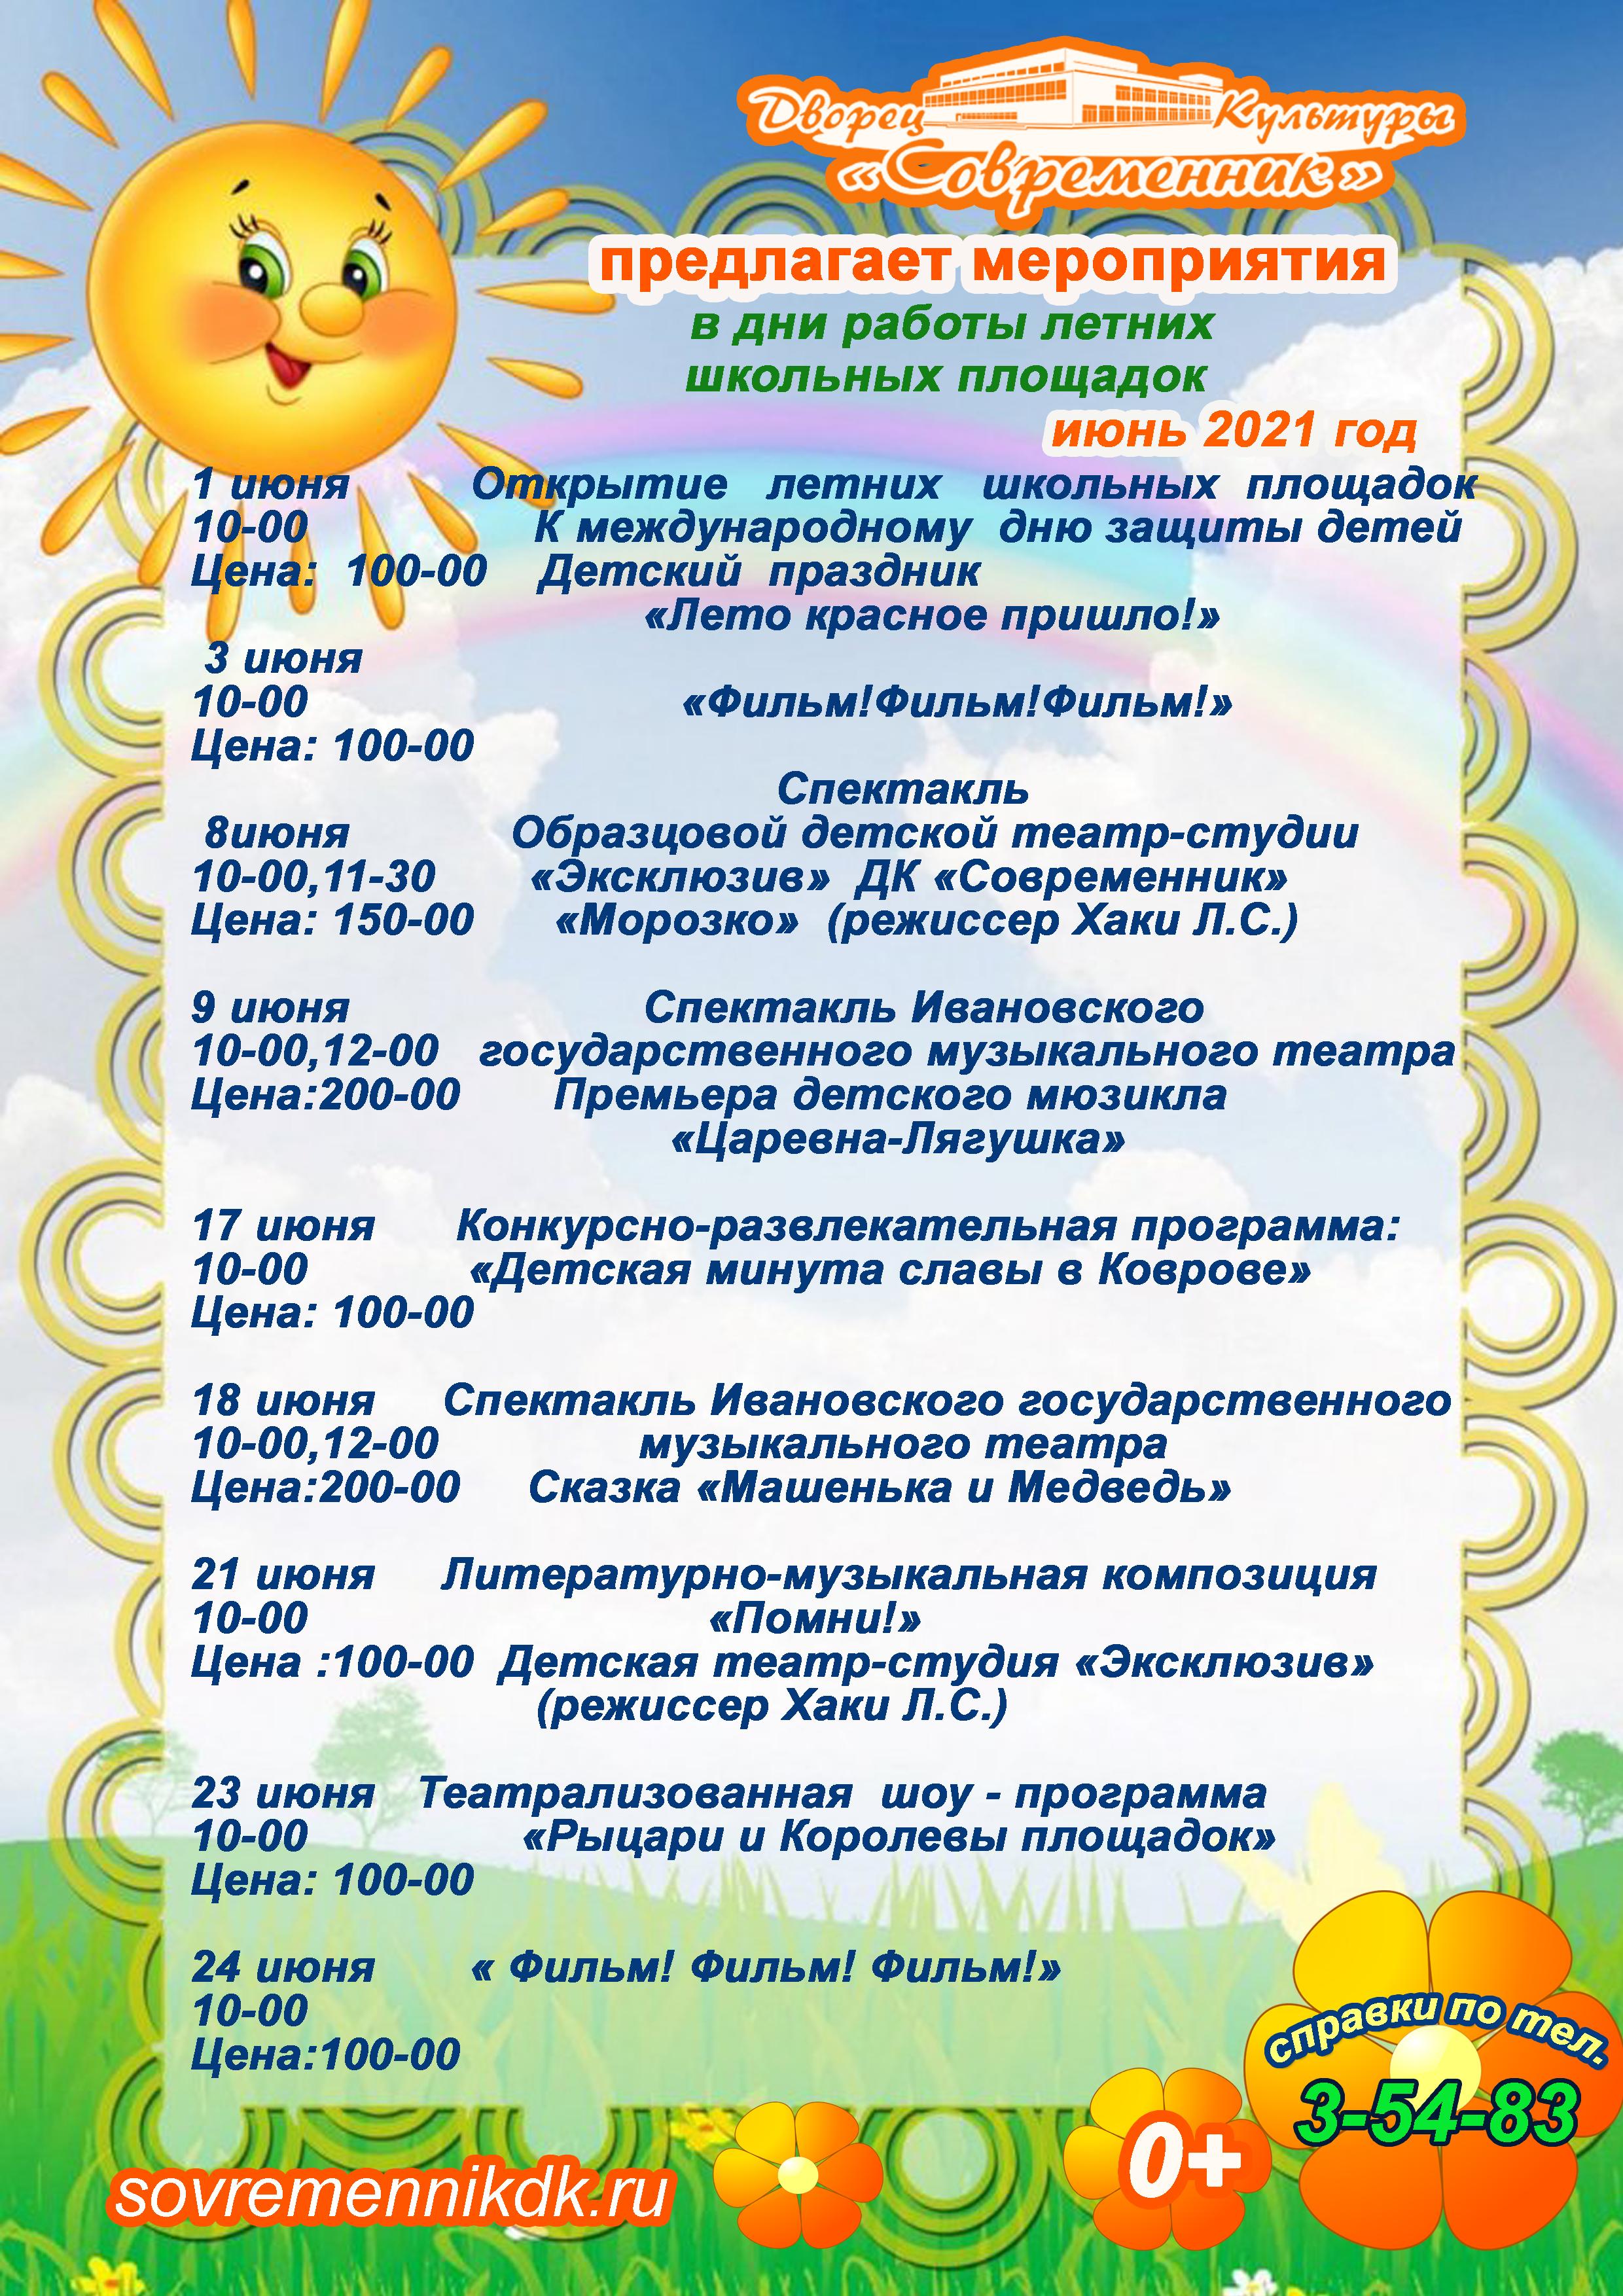 Мероприятия в дни работы школьных летних площадок